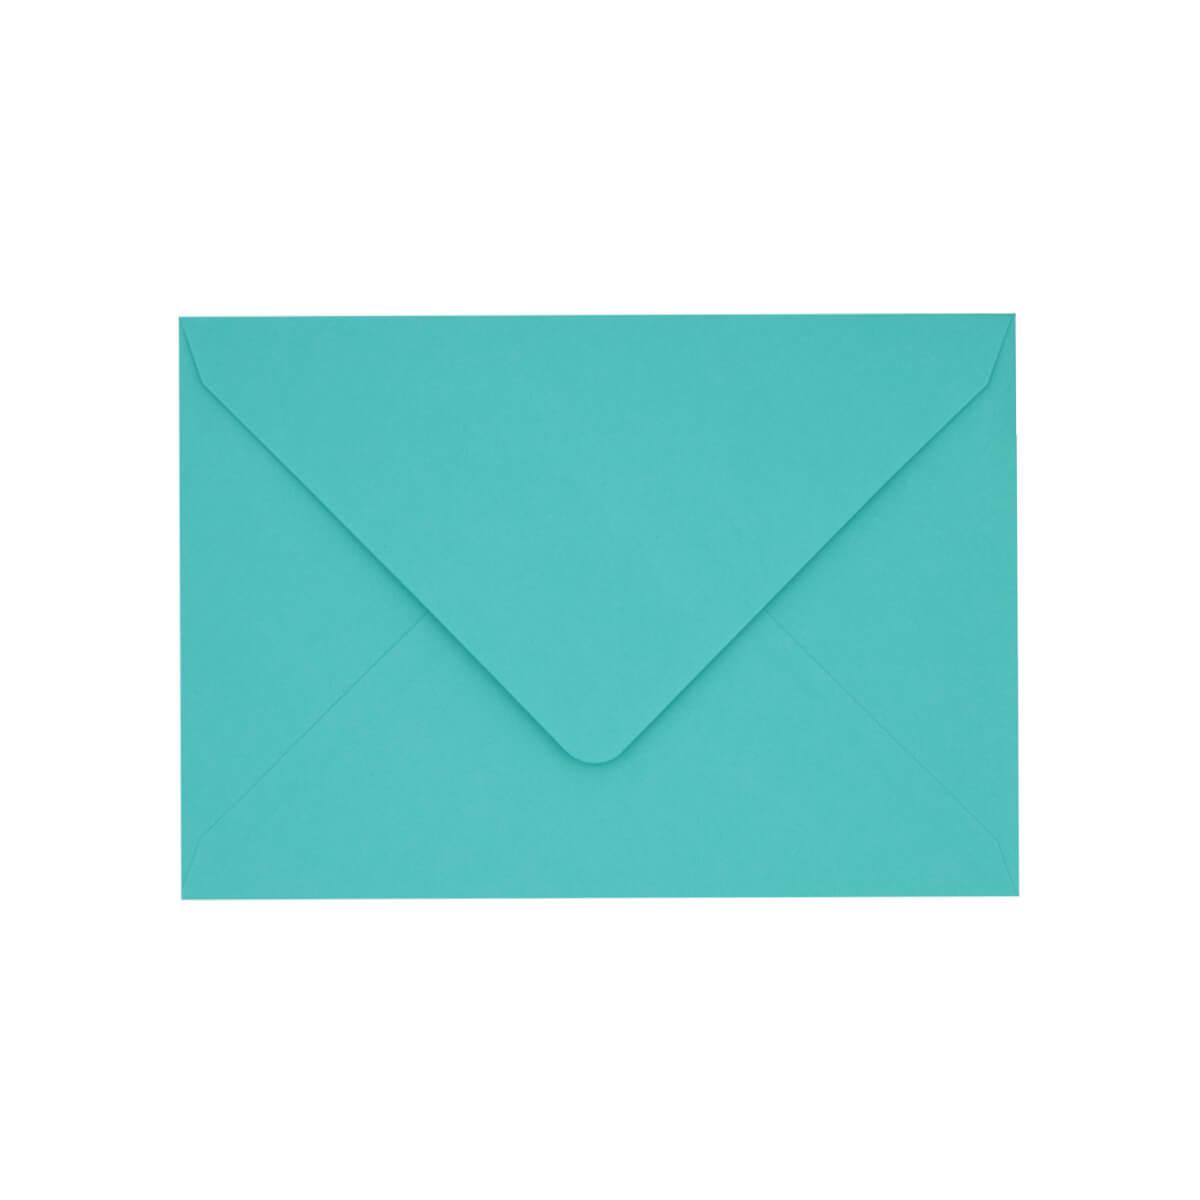 ROBIN EGG BLUE 152 x 216mm ENVELOPES 120GSM